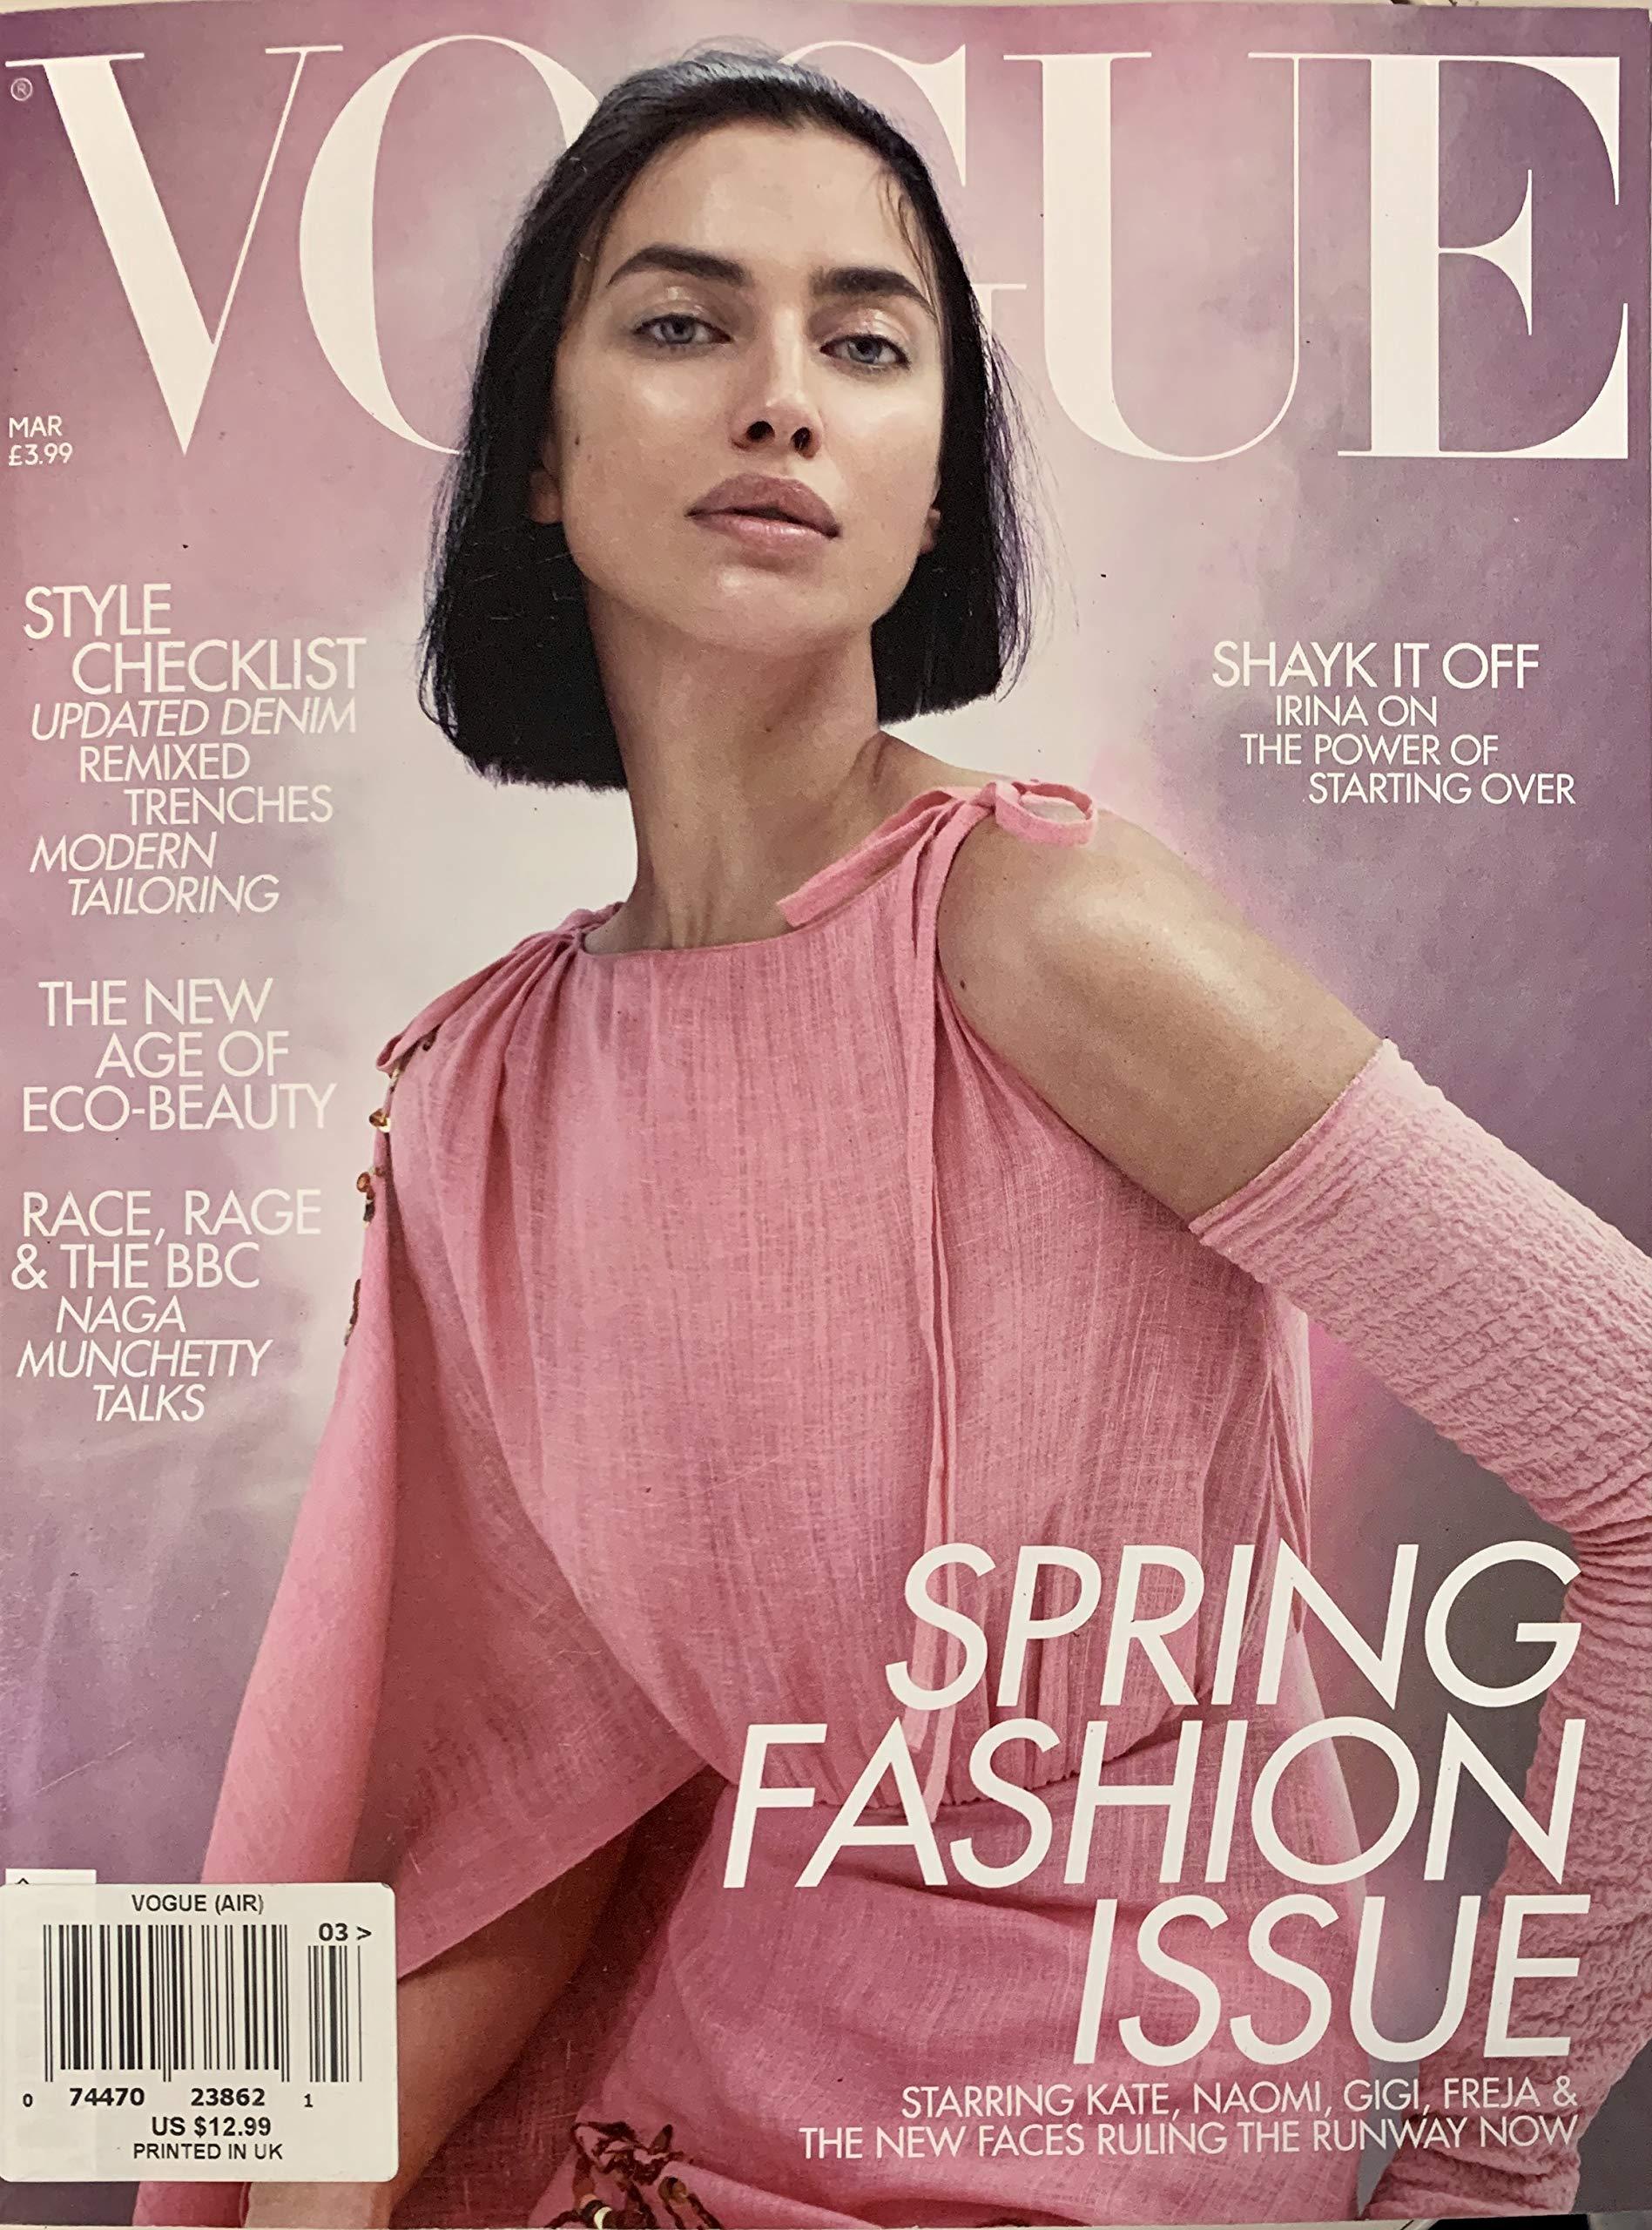 Vogue UK Magazine March, 12 Irina Shayk Cover Amazon.com Books